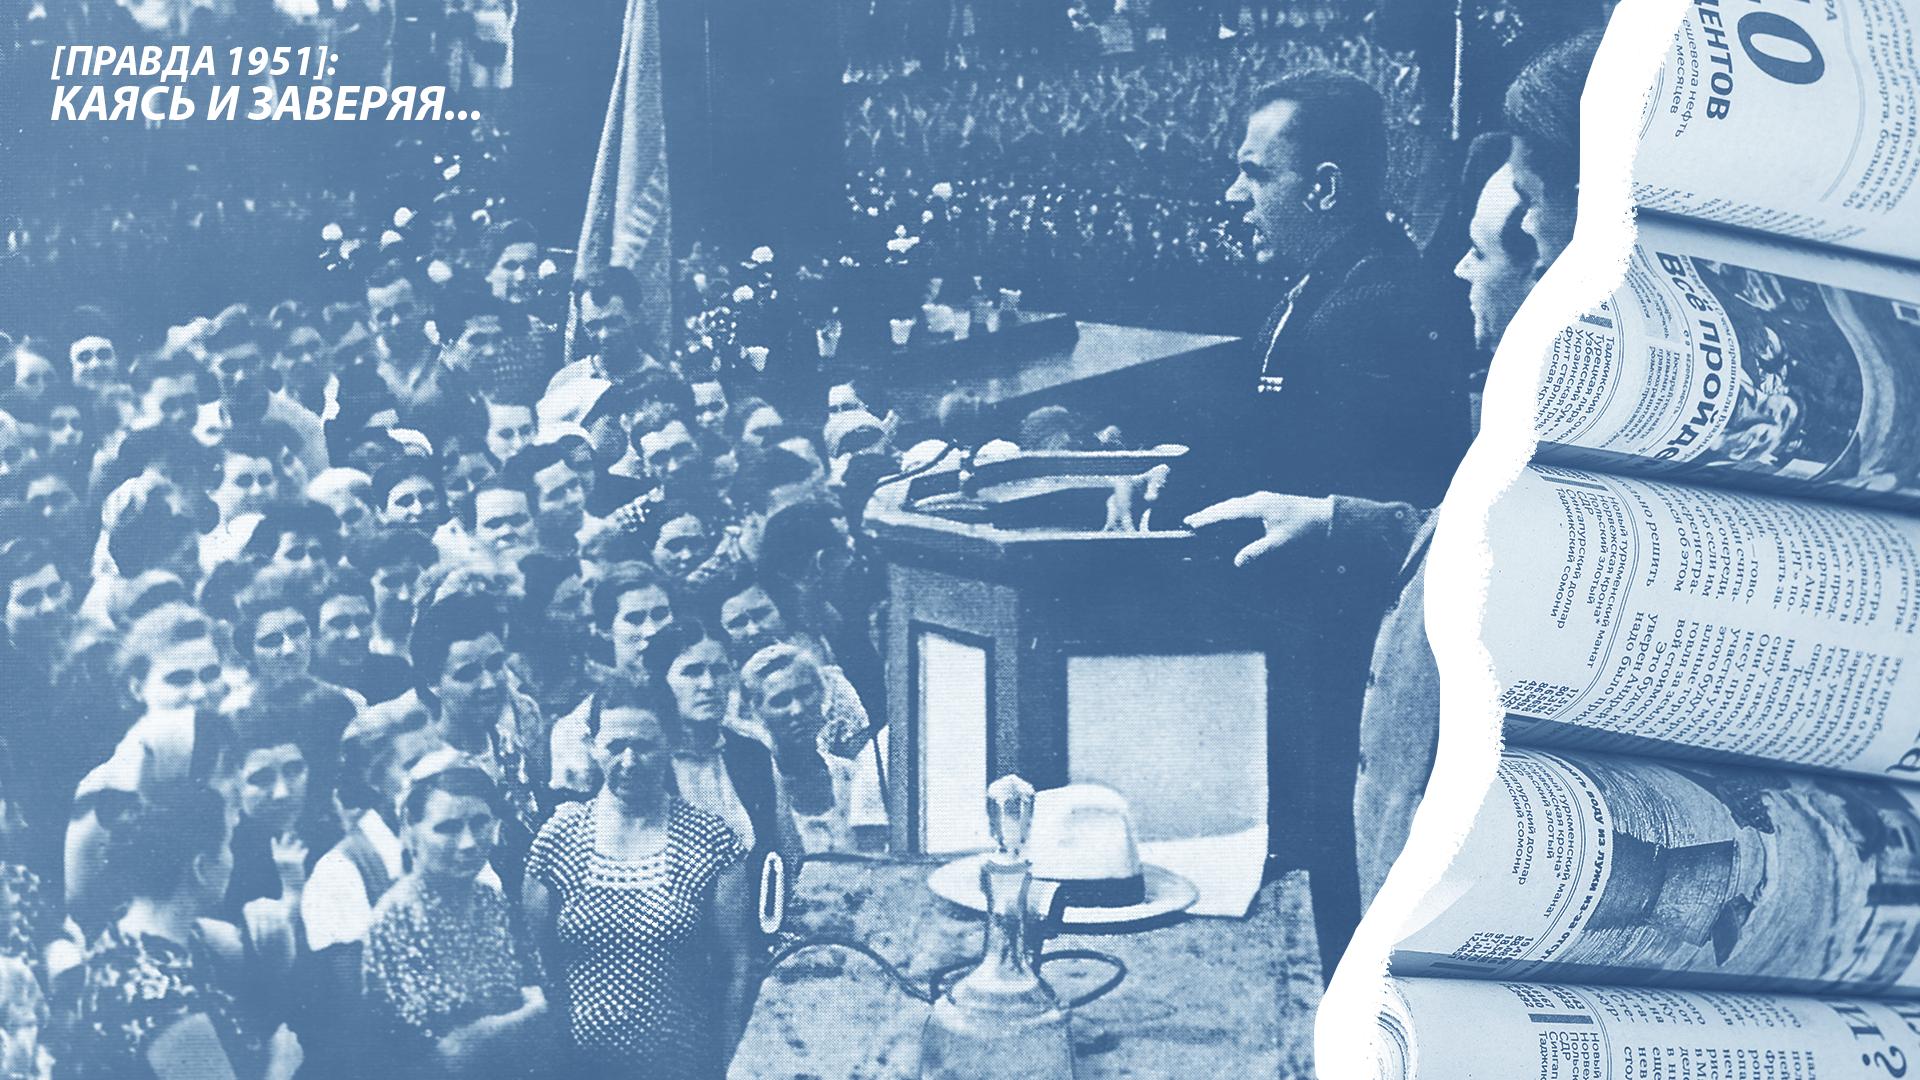 Правда 1951.png